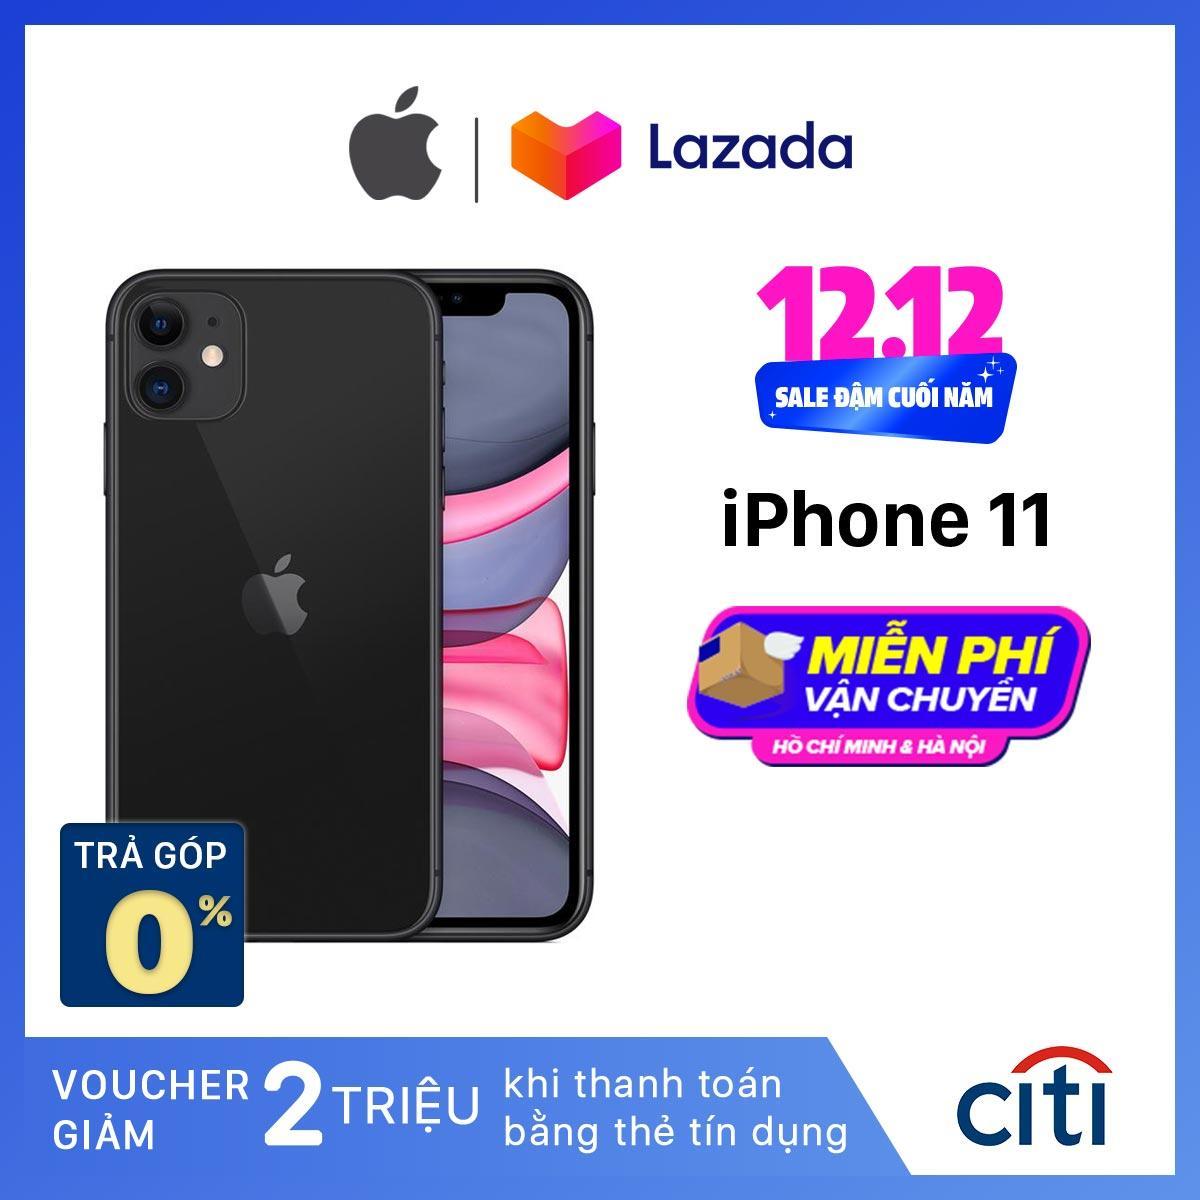 Điện Thoại Apple IPhone 11 - Hàng Chính Hãng VN/A - Màn Hình Liquid Retina HD 6.1inch Face ID Chống Nước Chip A13 2 Camera Có Giá Rất Cạnh Tranh